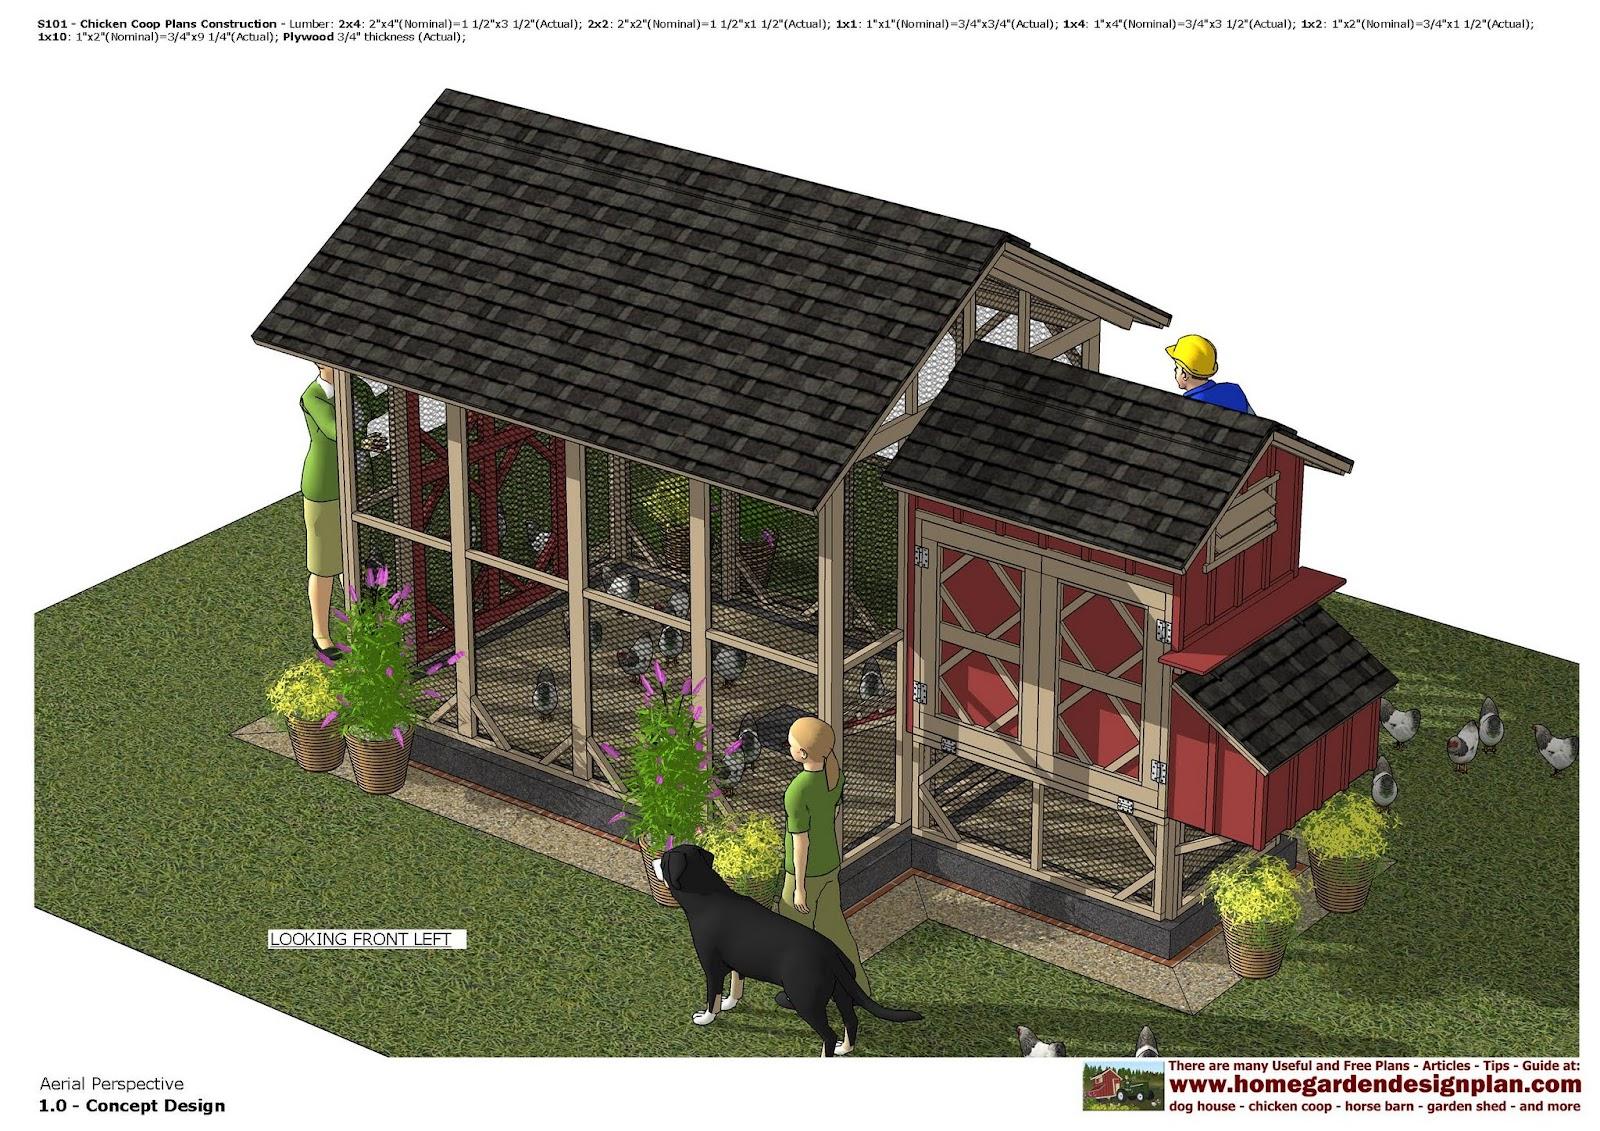 Home garden plans s101 chicken coop plans chicken for 3 chicken coop